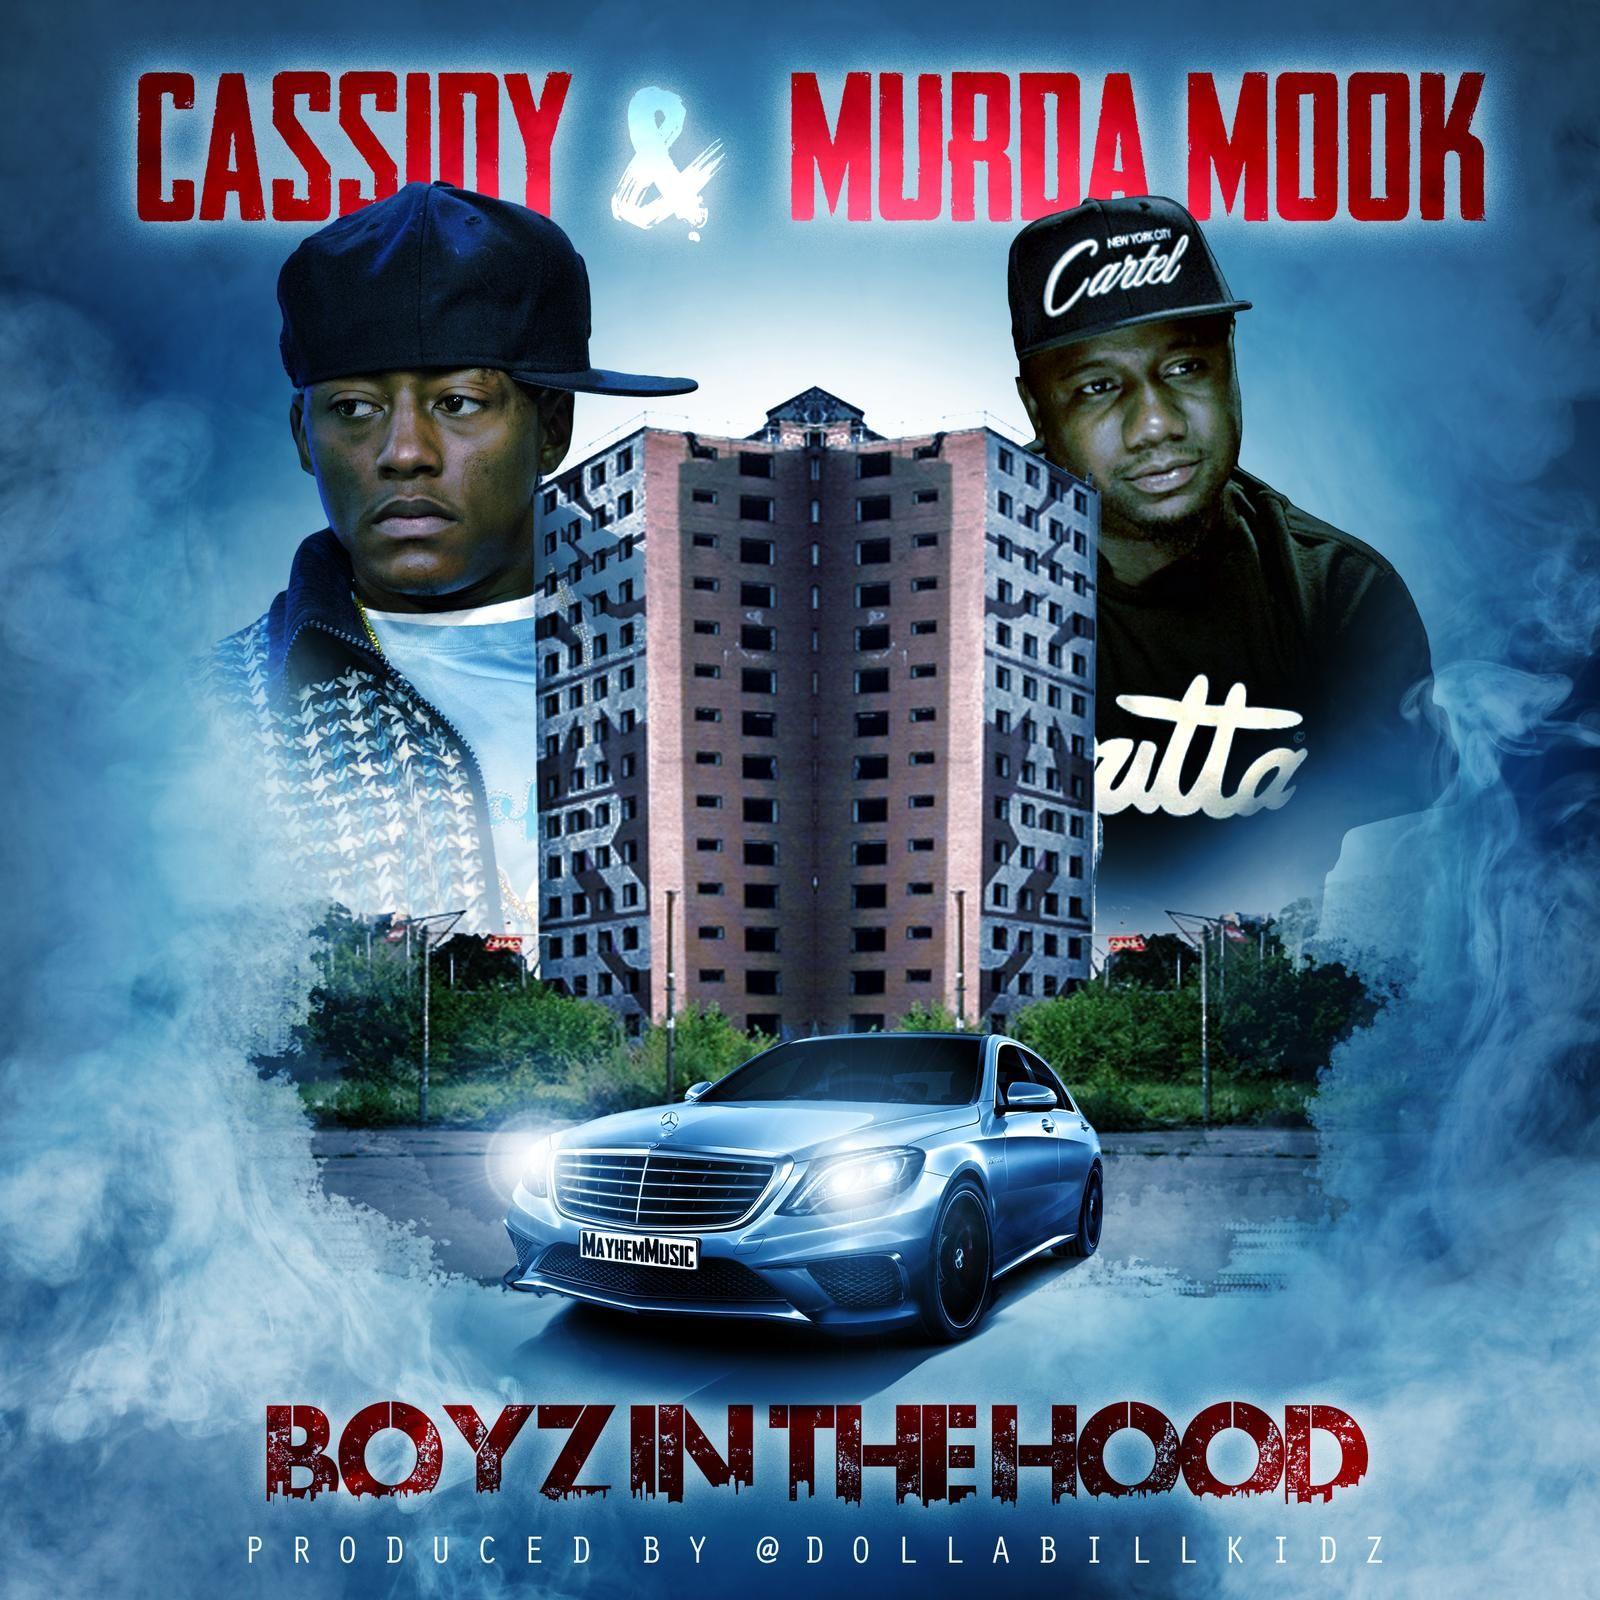 Boyz In The Hood by Cassidy ft  Murda Mook from fleet djs